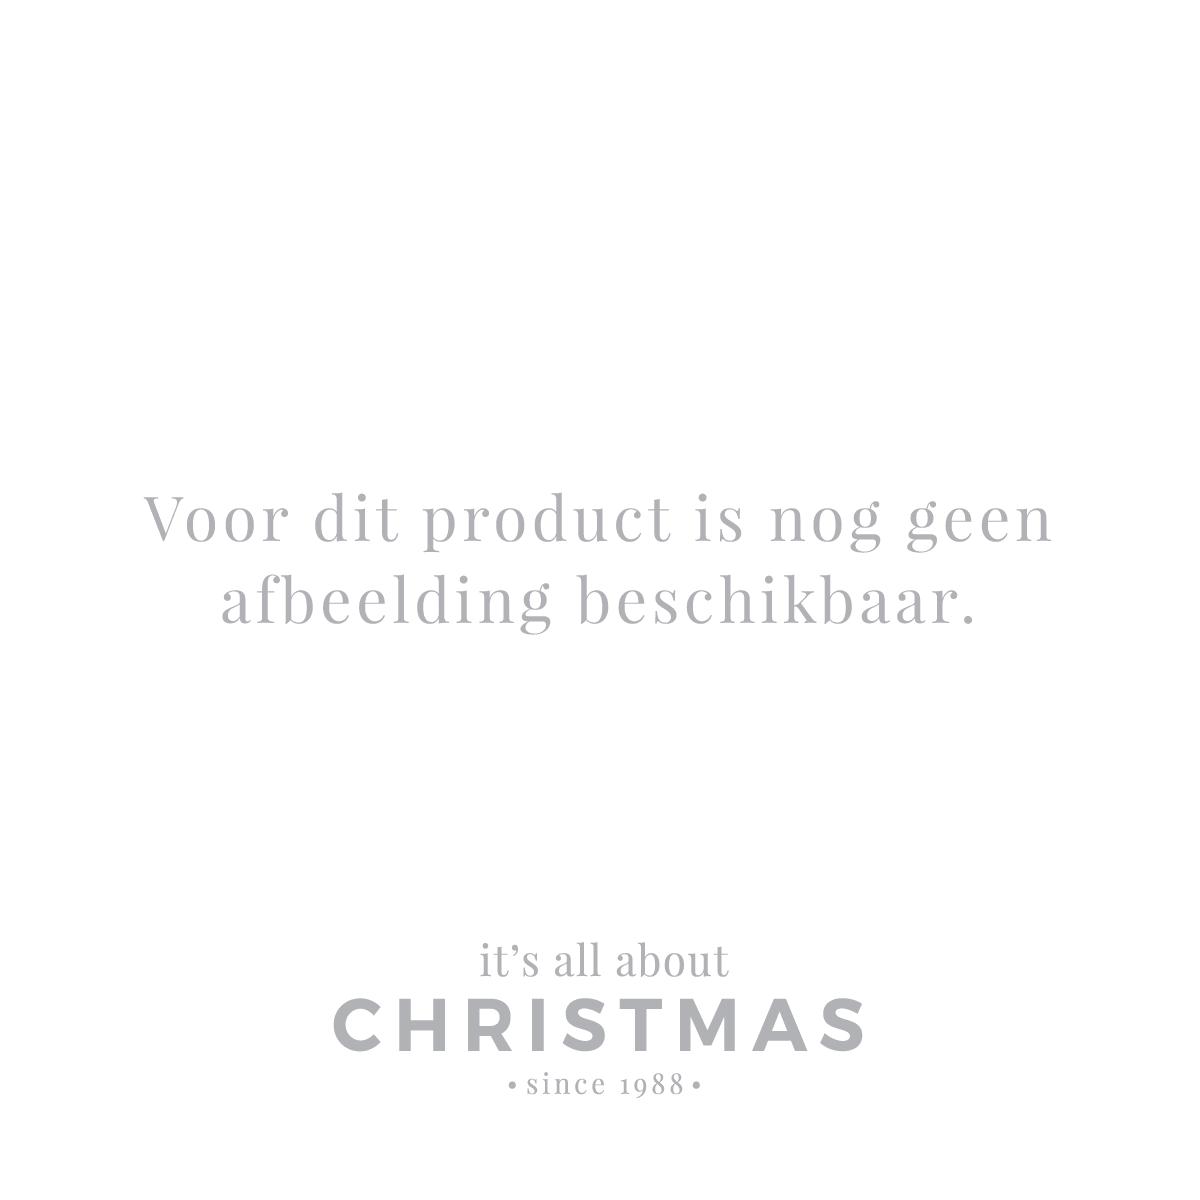 Aufbewahrungsbox Weihnachtskugeln.52 Christbaumkugeln Seifenblasen Effekt It S All About Christmas